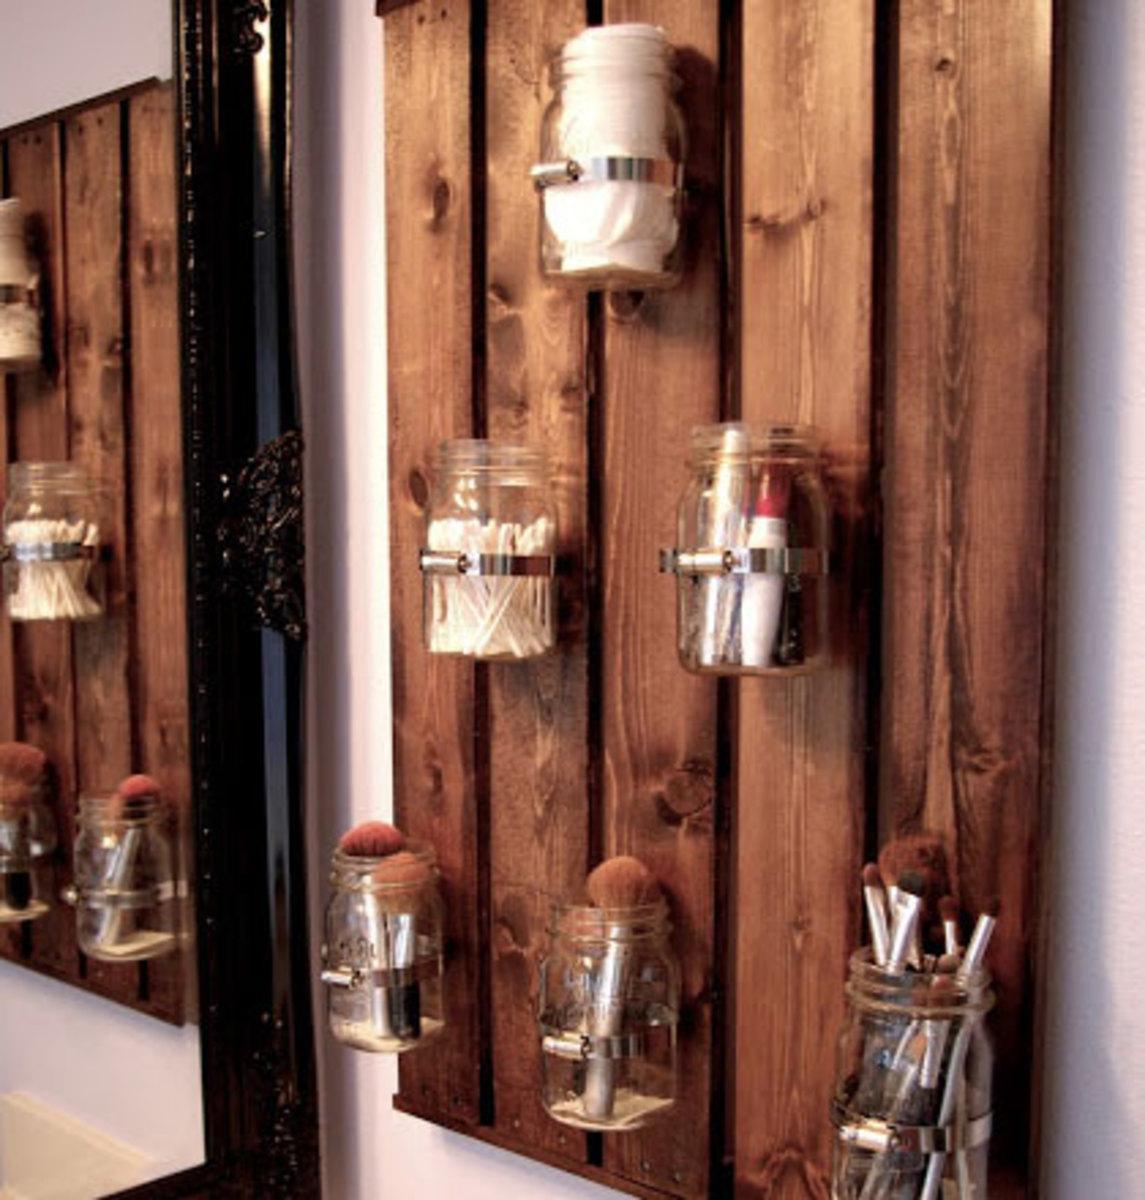 Mason Jar Bathroom Storage   Easy Organization Ideas for the Home